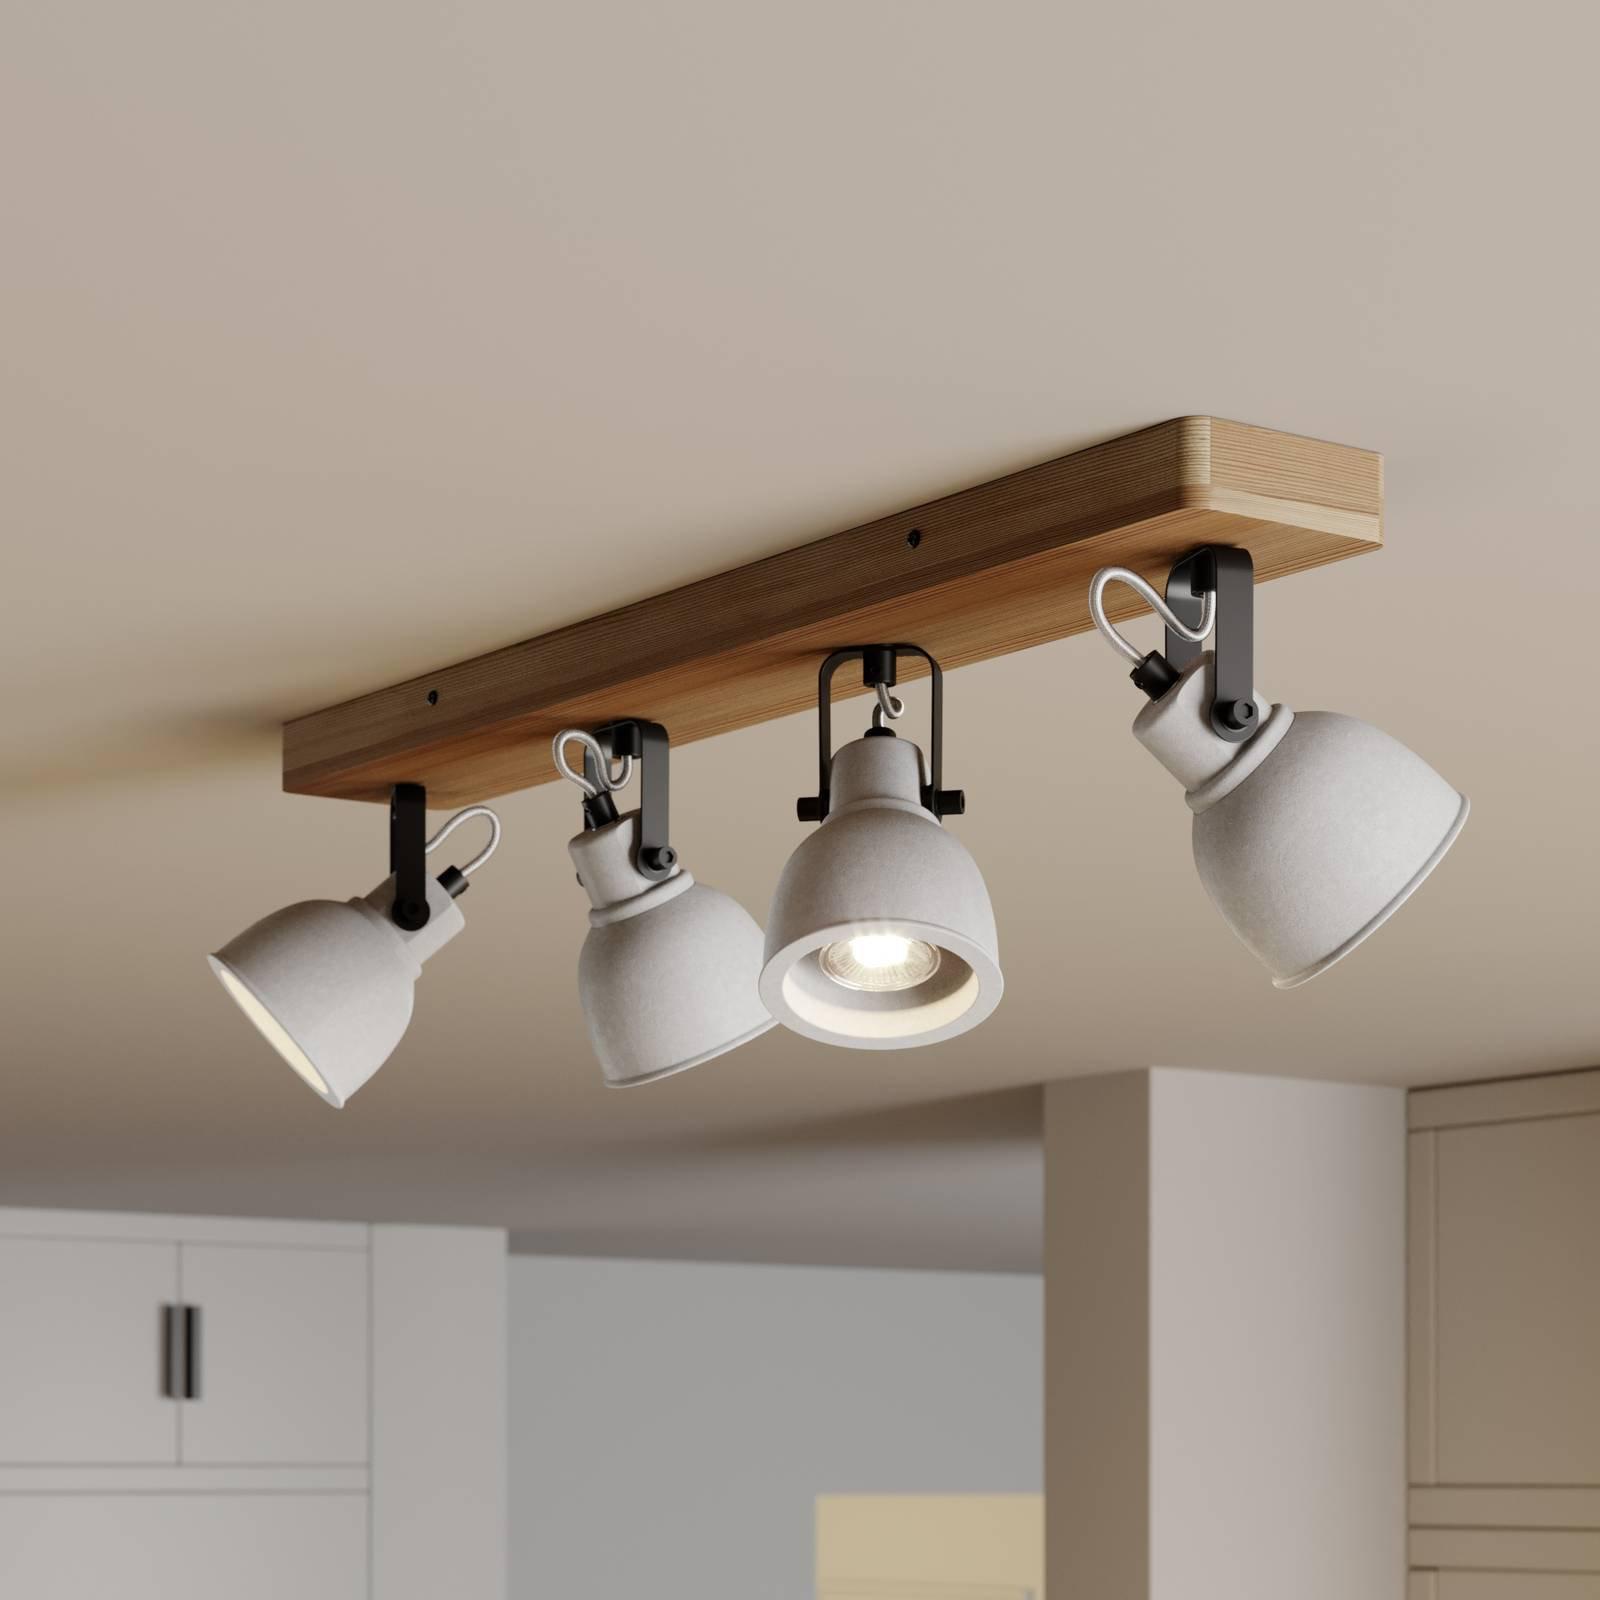 Lindby Mirka LED-taklampe, furutre, 4 lyskilder